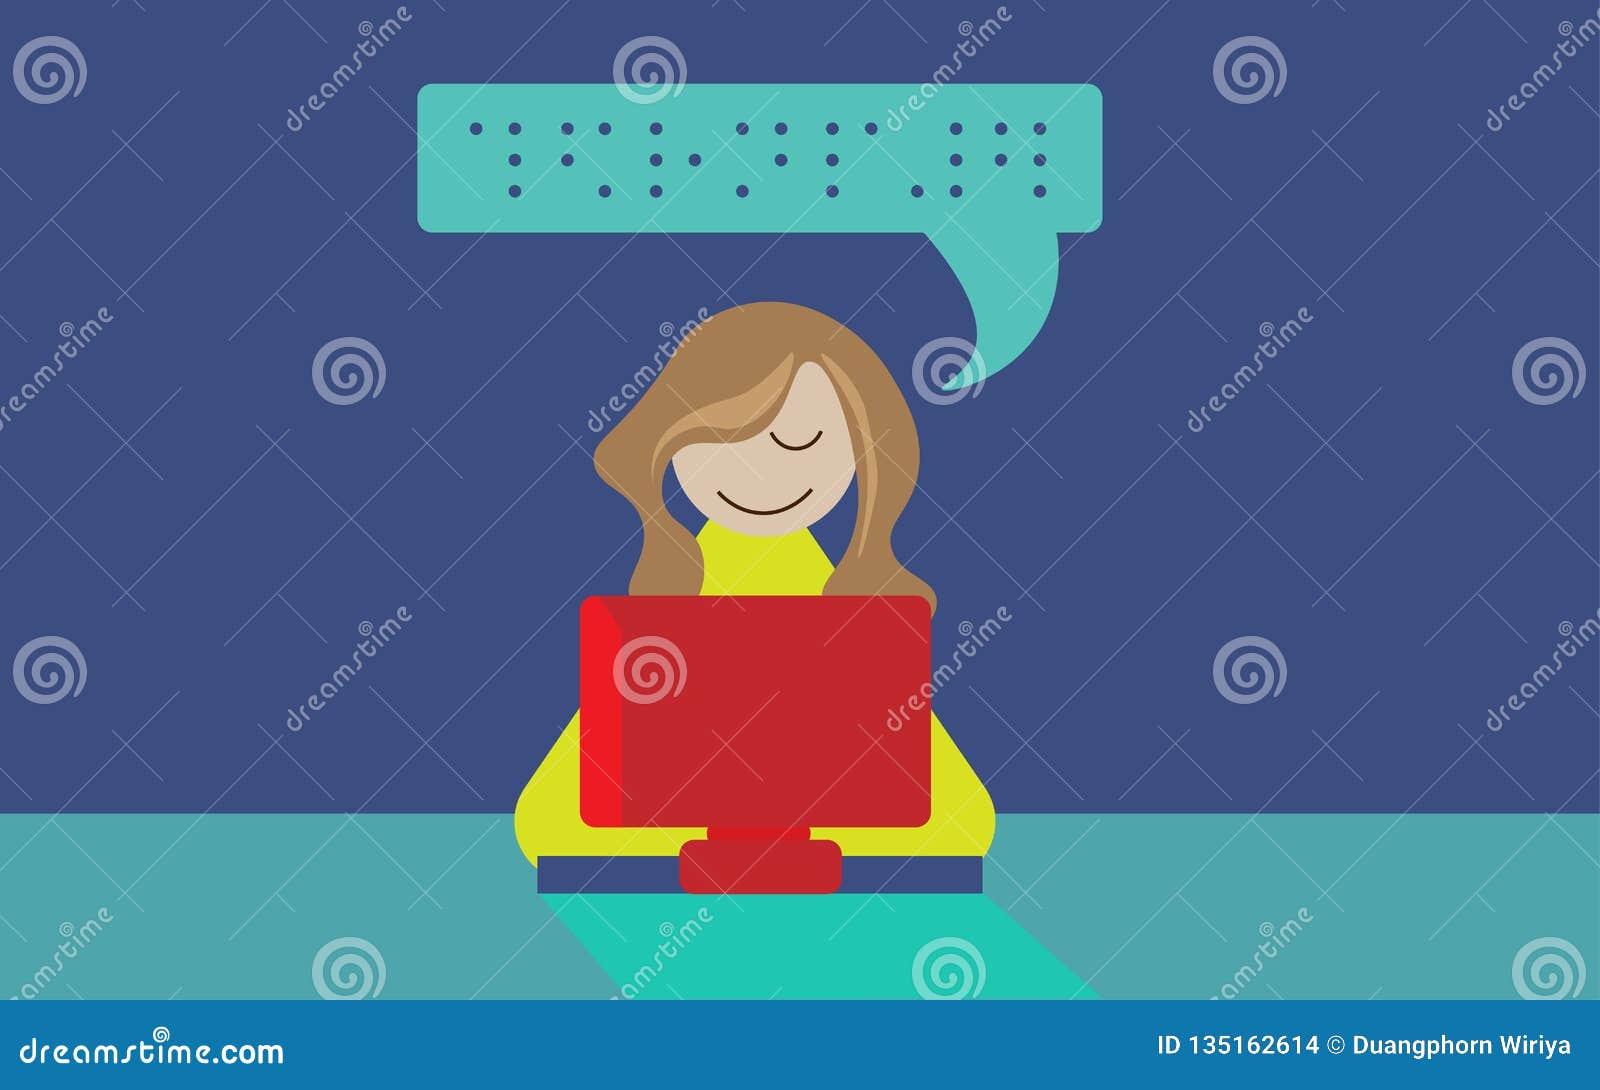 Ilustração do computador do braile do uso da pessoa cega